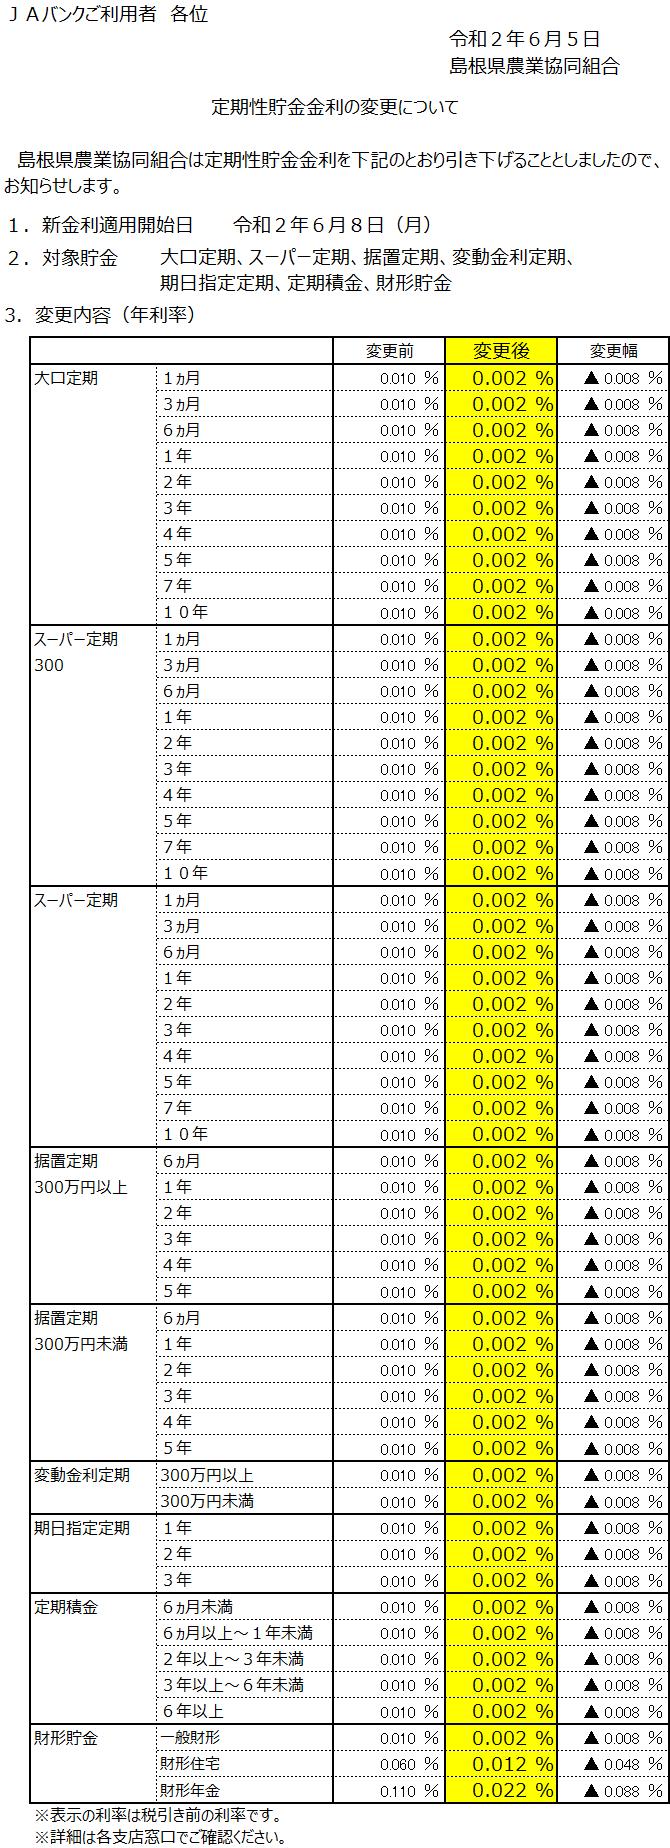 資金運用課HP掲載依頼図.png